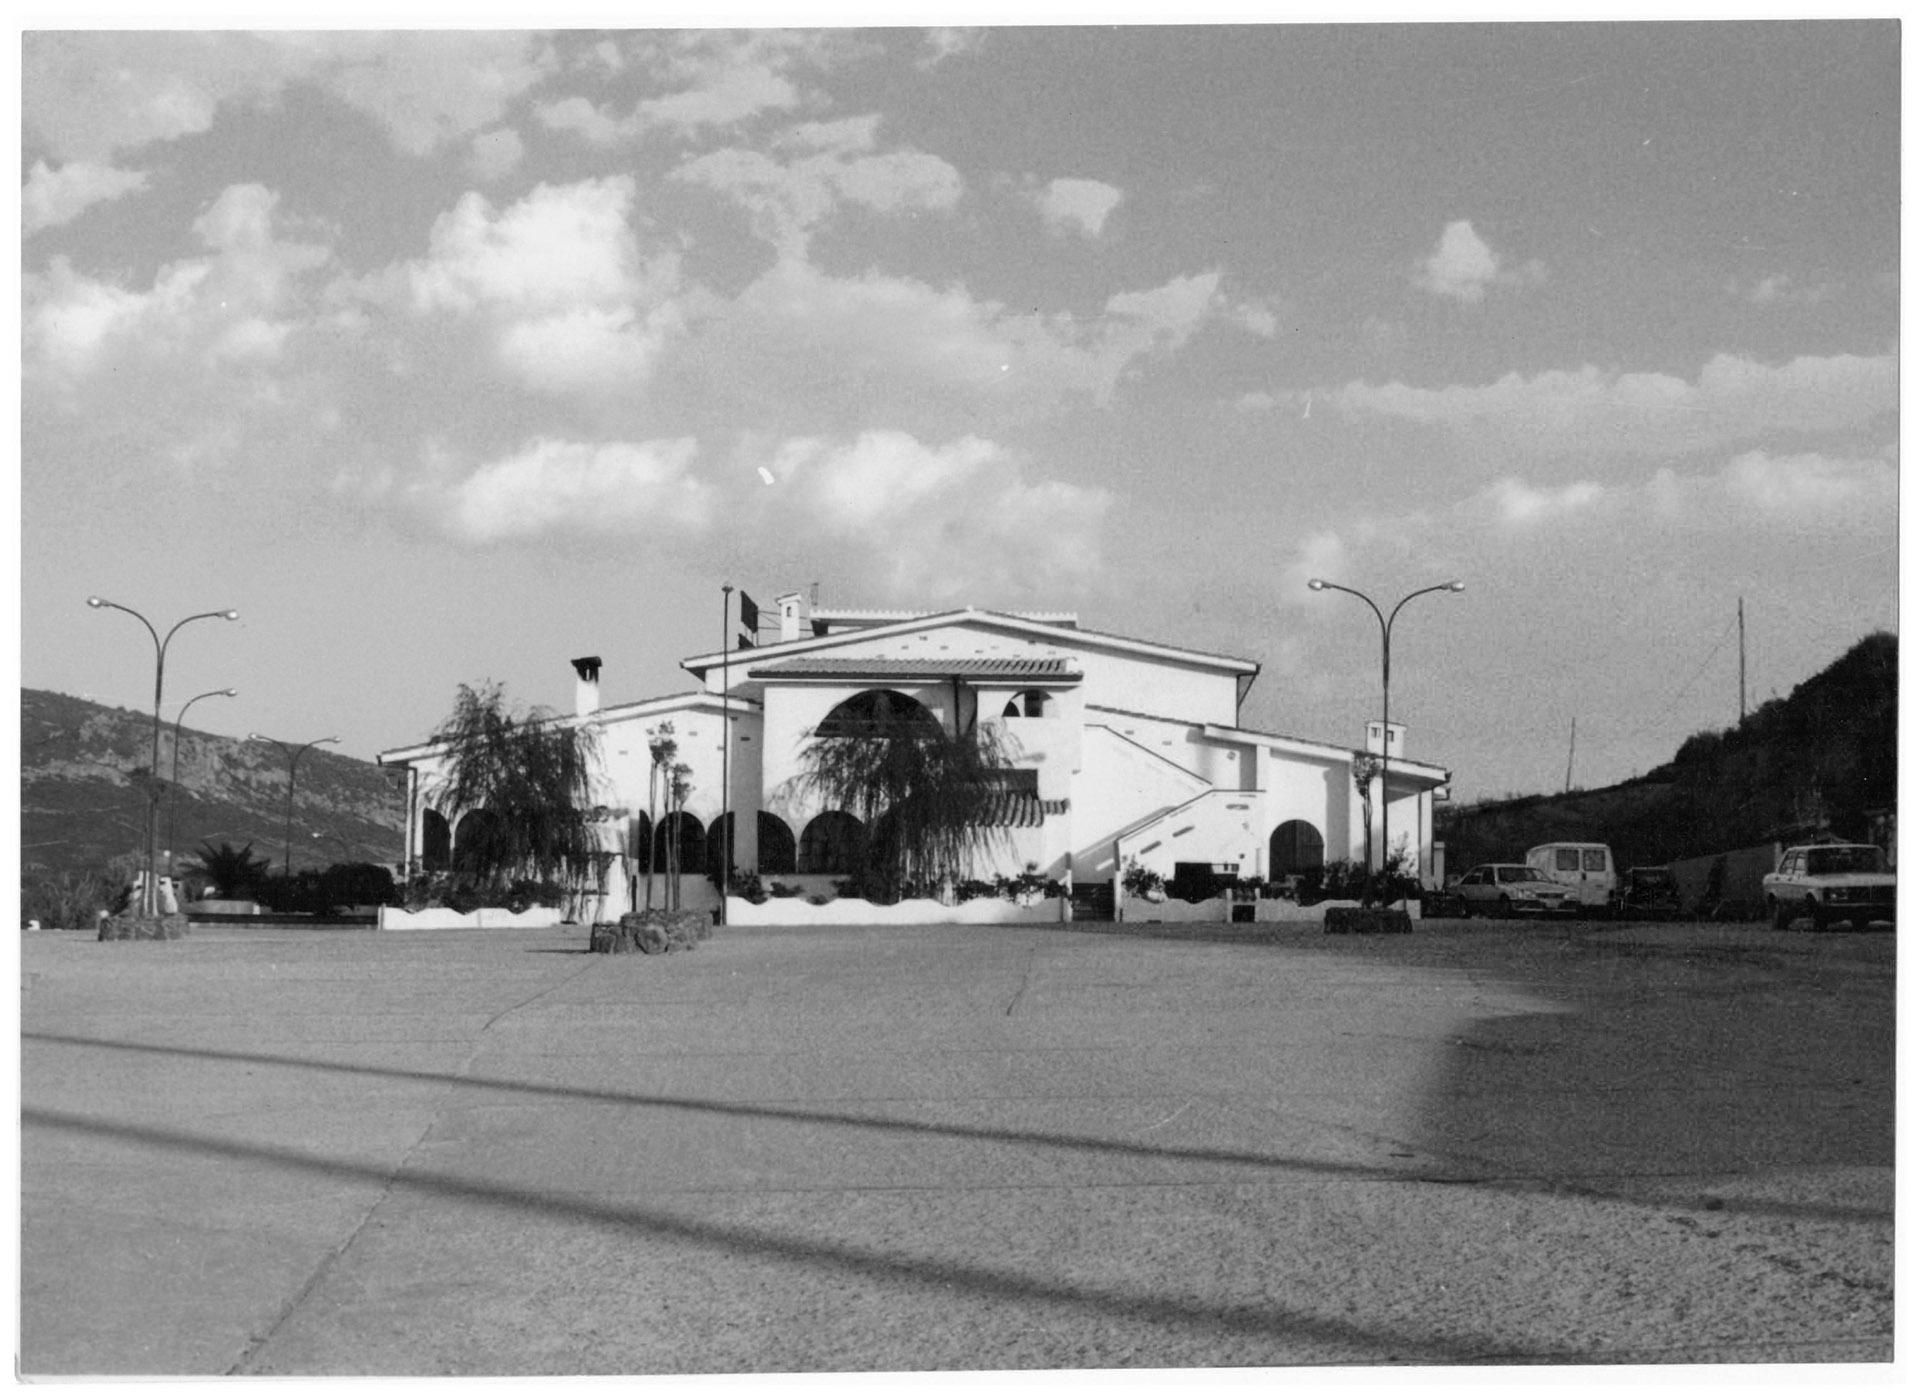 Le origini del Ristorante Tanit a Carbonia - Foto Storica